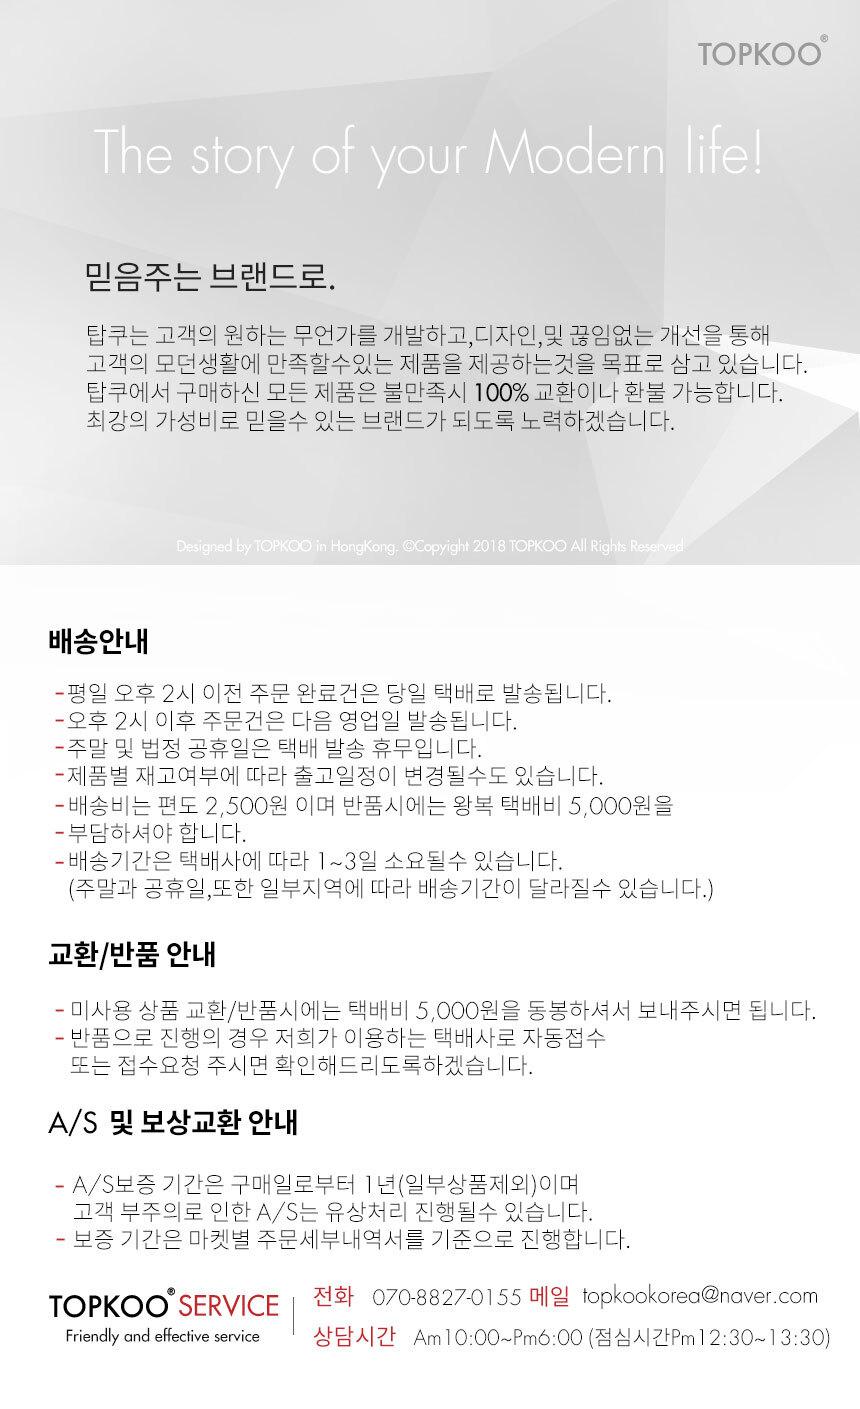 아이패드 미니5 5세대 강화유리 액정보호필름 - 탑쿠, 12,900원, 필름/스킨, 아이패드/미니